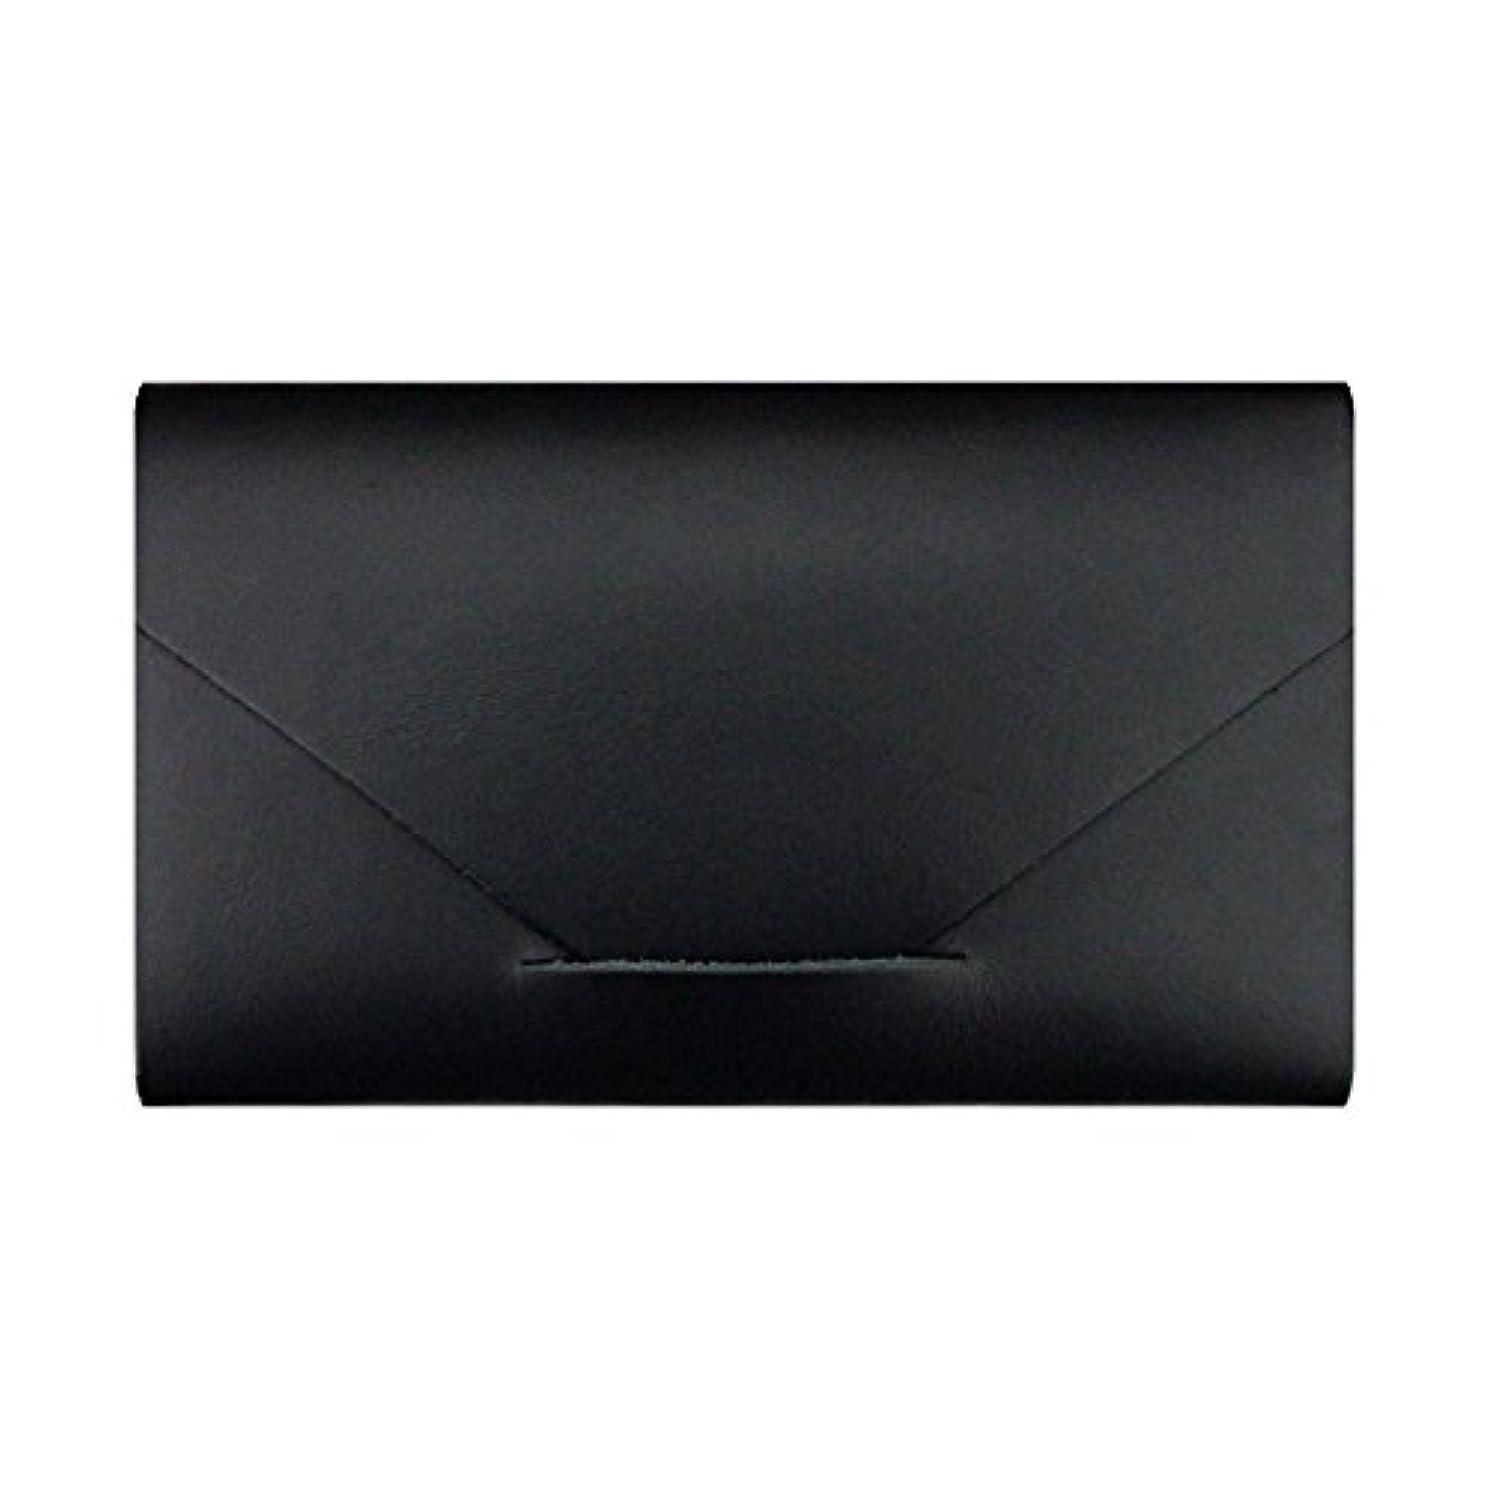 和朝ごはんジャニスMODERN AGE TOKYO 2 カードケース(サシェ3種入) ブラック BLACK CARD CASE モダンエイジトウキョウツー